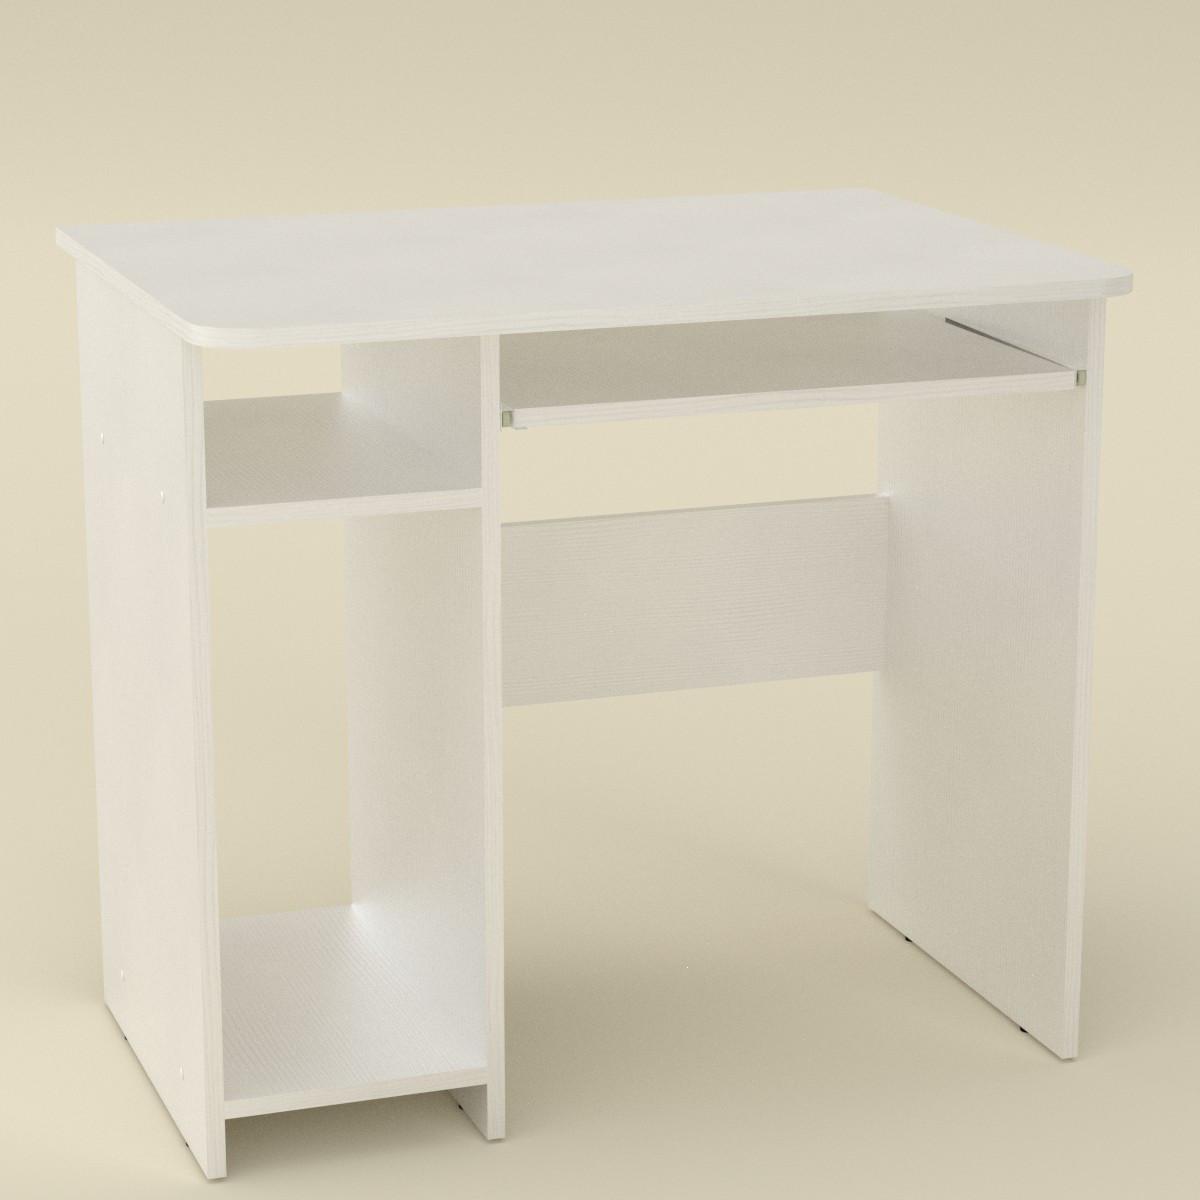 Стол компьютерный СКМ-12 нимфея альба (белый) Компанит (82х60х74 см)